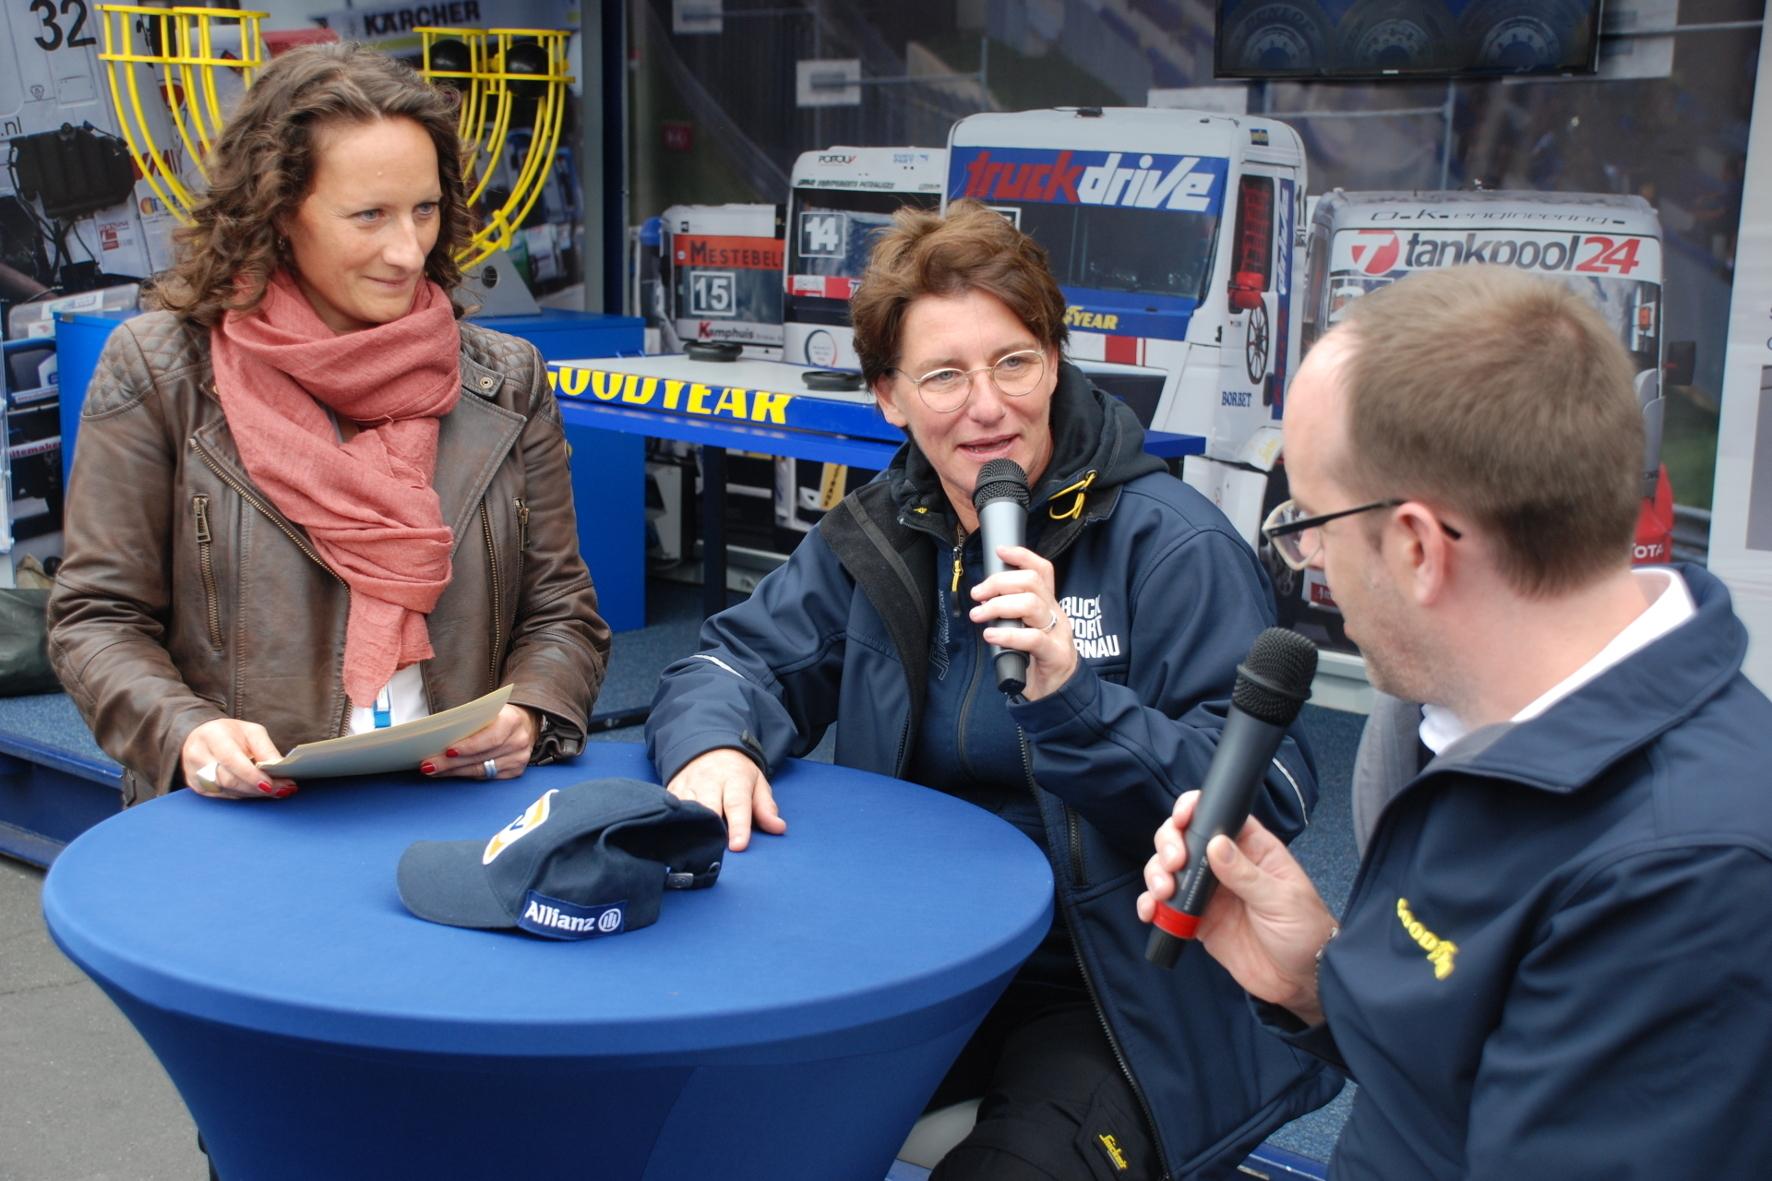 mid Nürburgring - Truck-Rennfahrerin Ellen Lohr (Mitte) schildert ihre Erfahrungen mit Lkw-Reifen. Goodyear-Sprecherin Mirjam Berle und Reifen-Entwickler Daniel Roder hören gespannt zu.